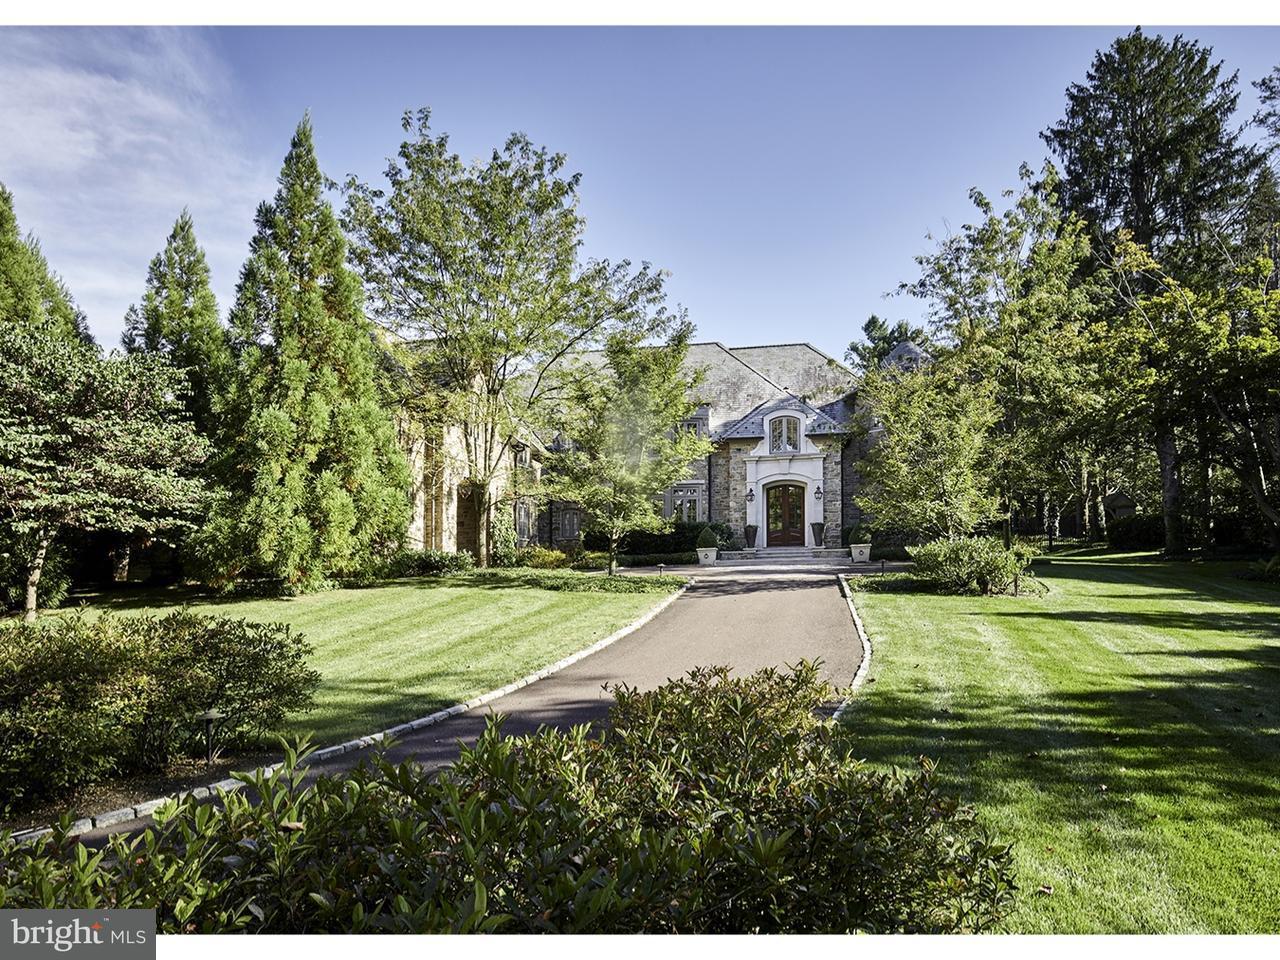 独户住宅 为 销售 在 929 ROCK CREEK Road 布林莫尔, 宾夕法尼亚州 19010 美国